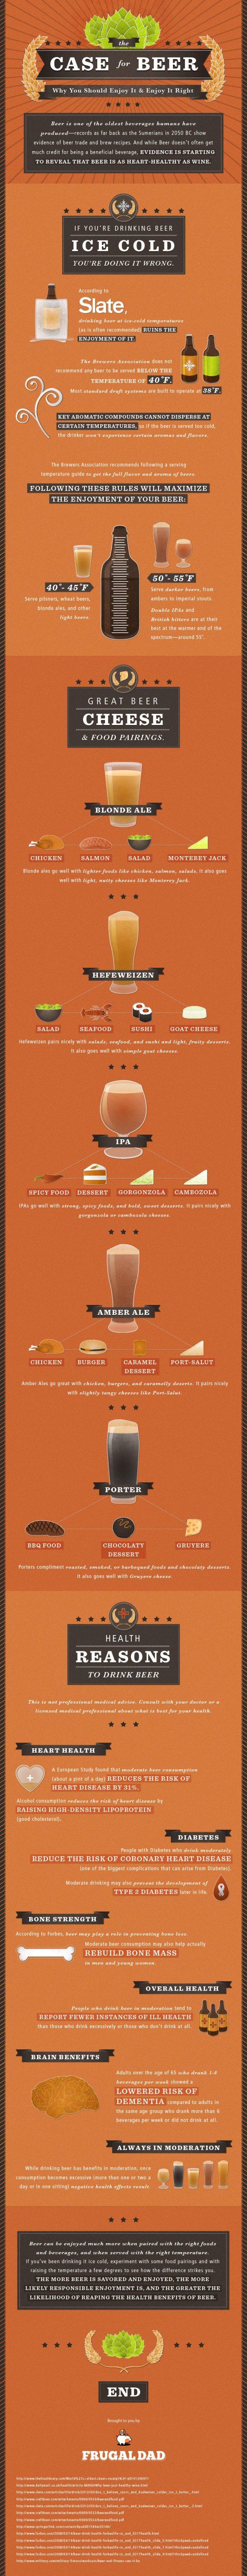 Vilket öl passar till kött